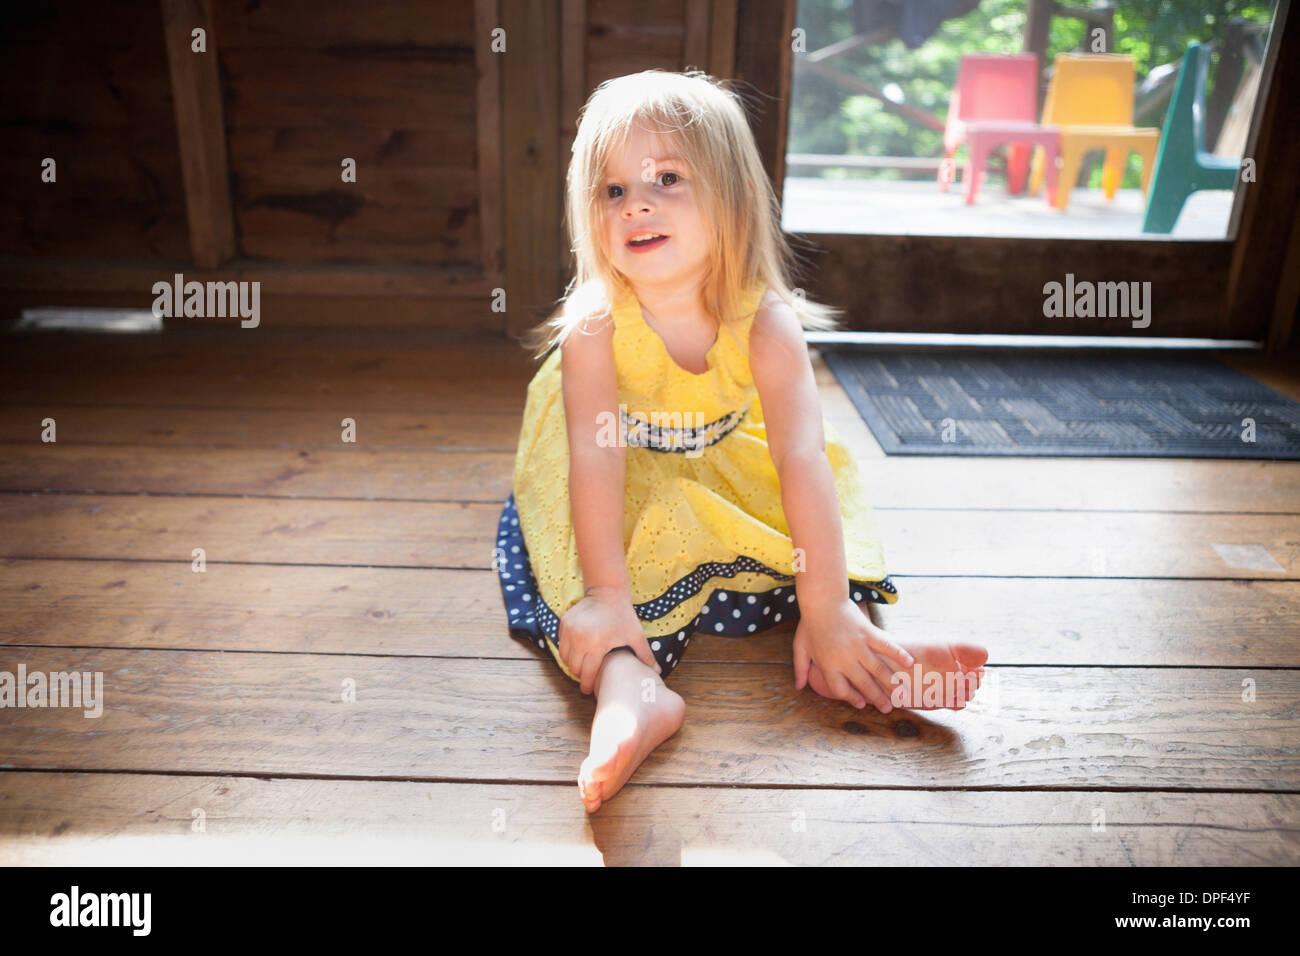 Femmina bambino seduto sul pavimento in legno Immagini Stock